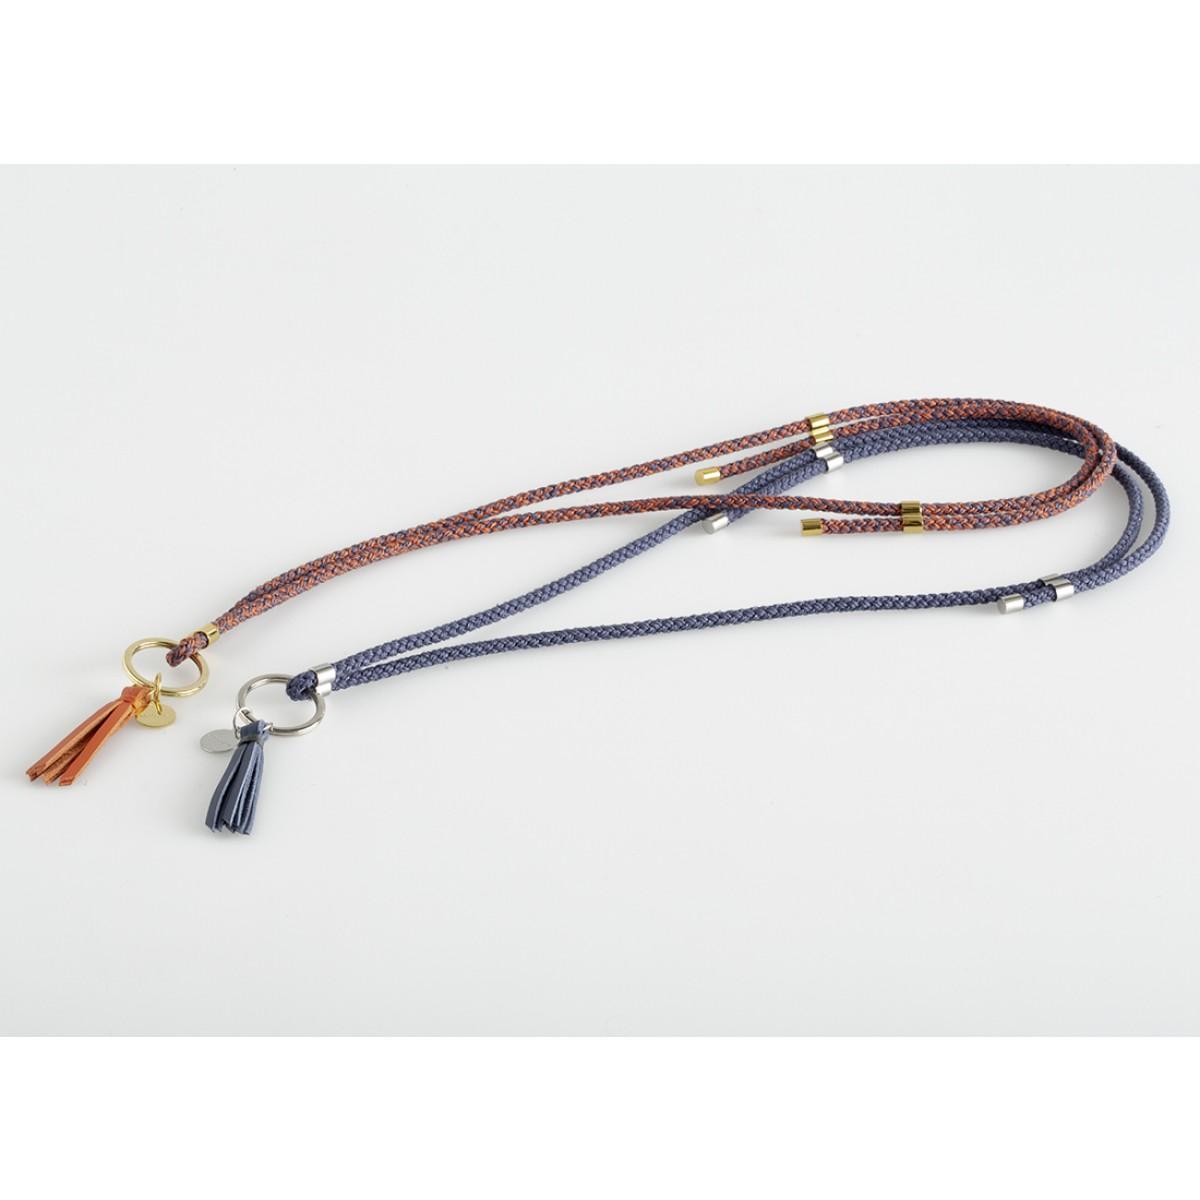 Schlüsselanhänger zum umhängen mit Lederquaste – Mélange, blau